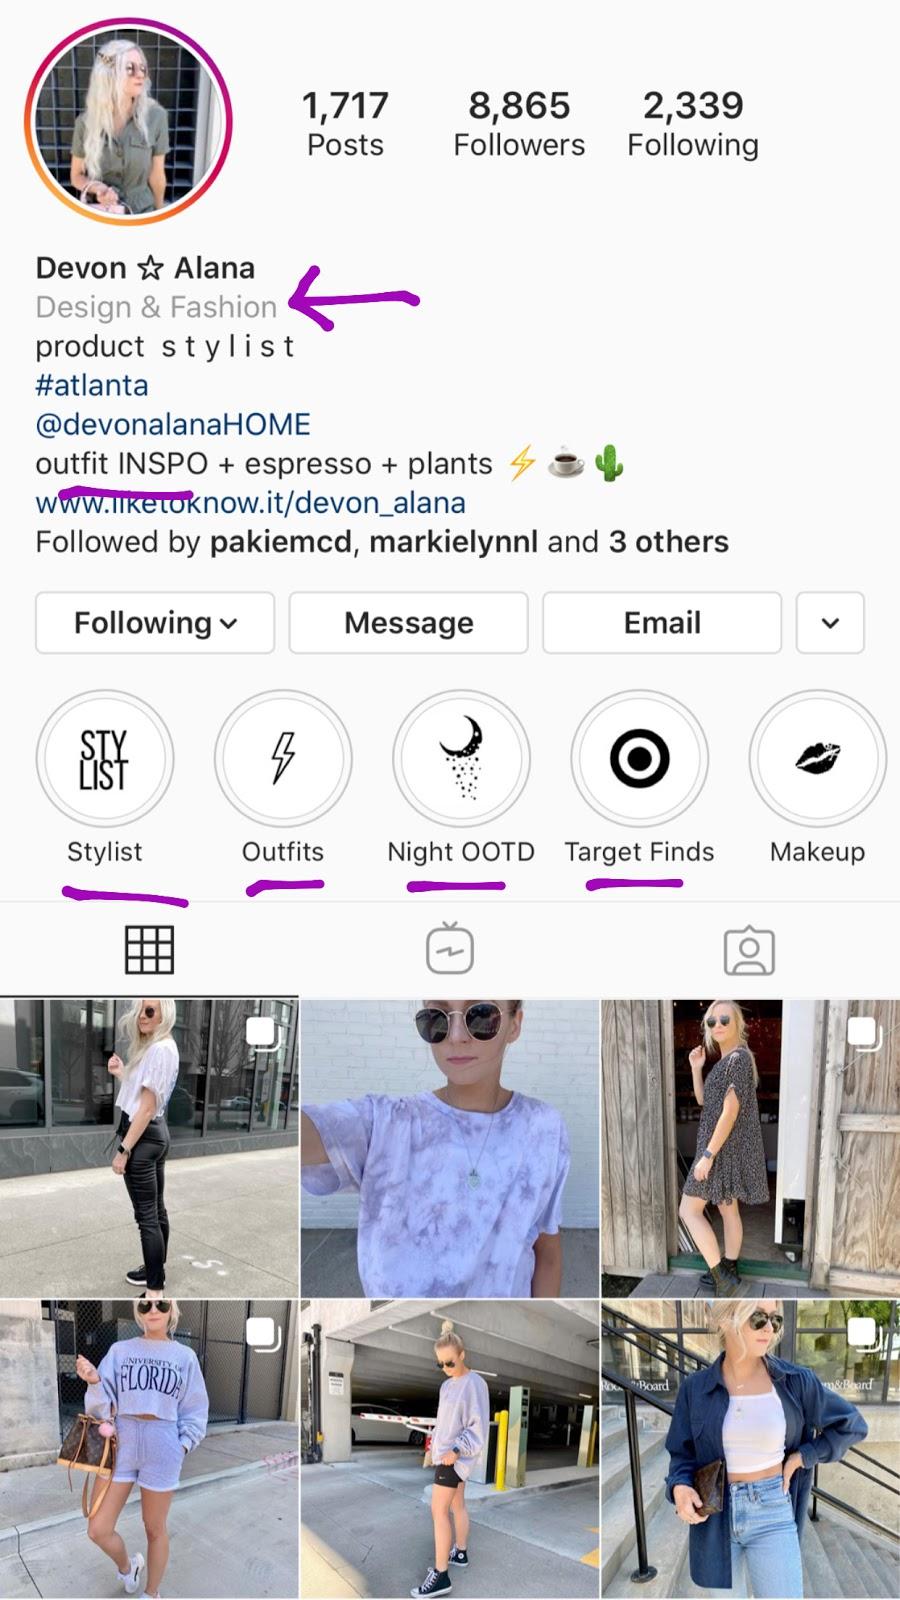 devon alana instagram bio highlights